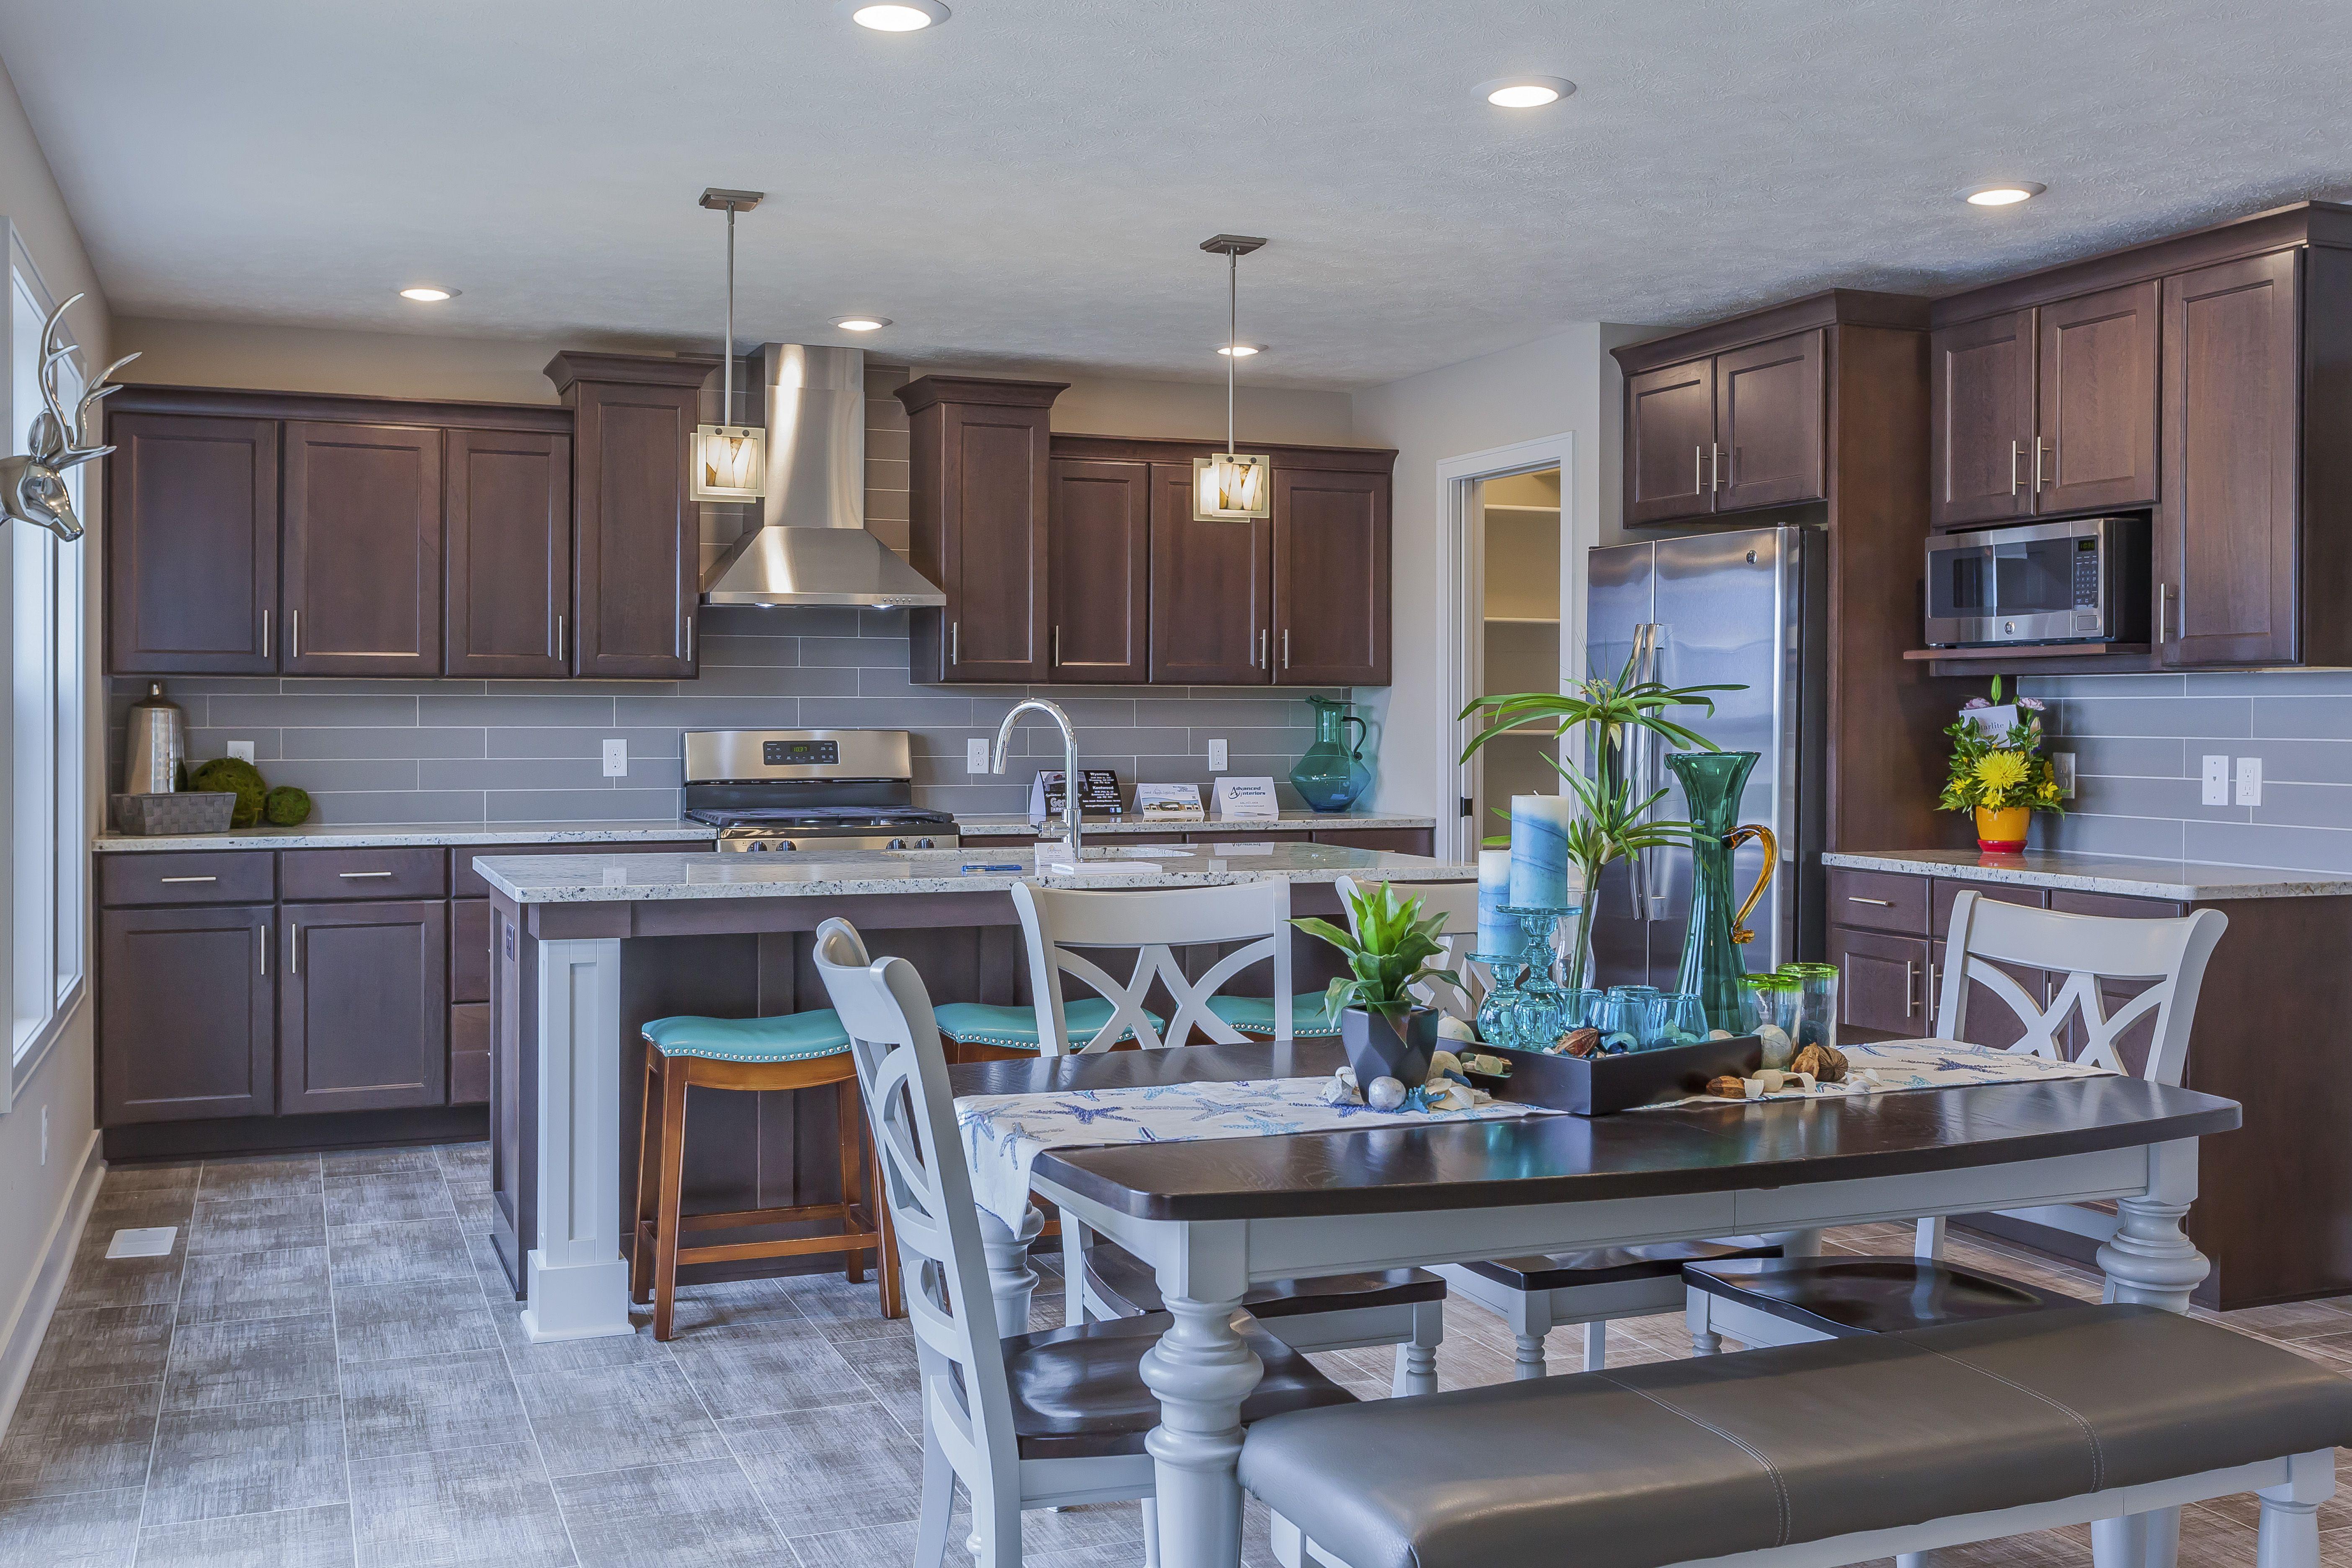 Dark Wood Kitchen with Grey Tile Backsplash Tile